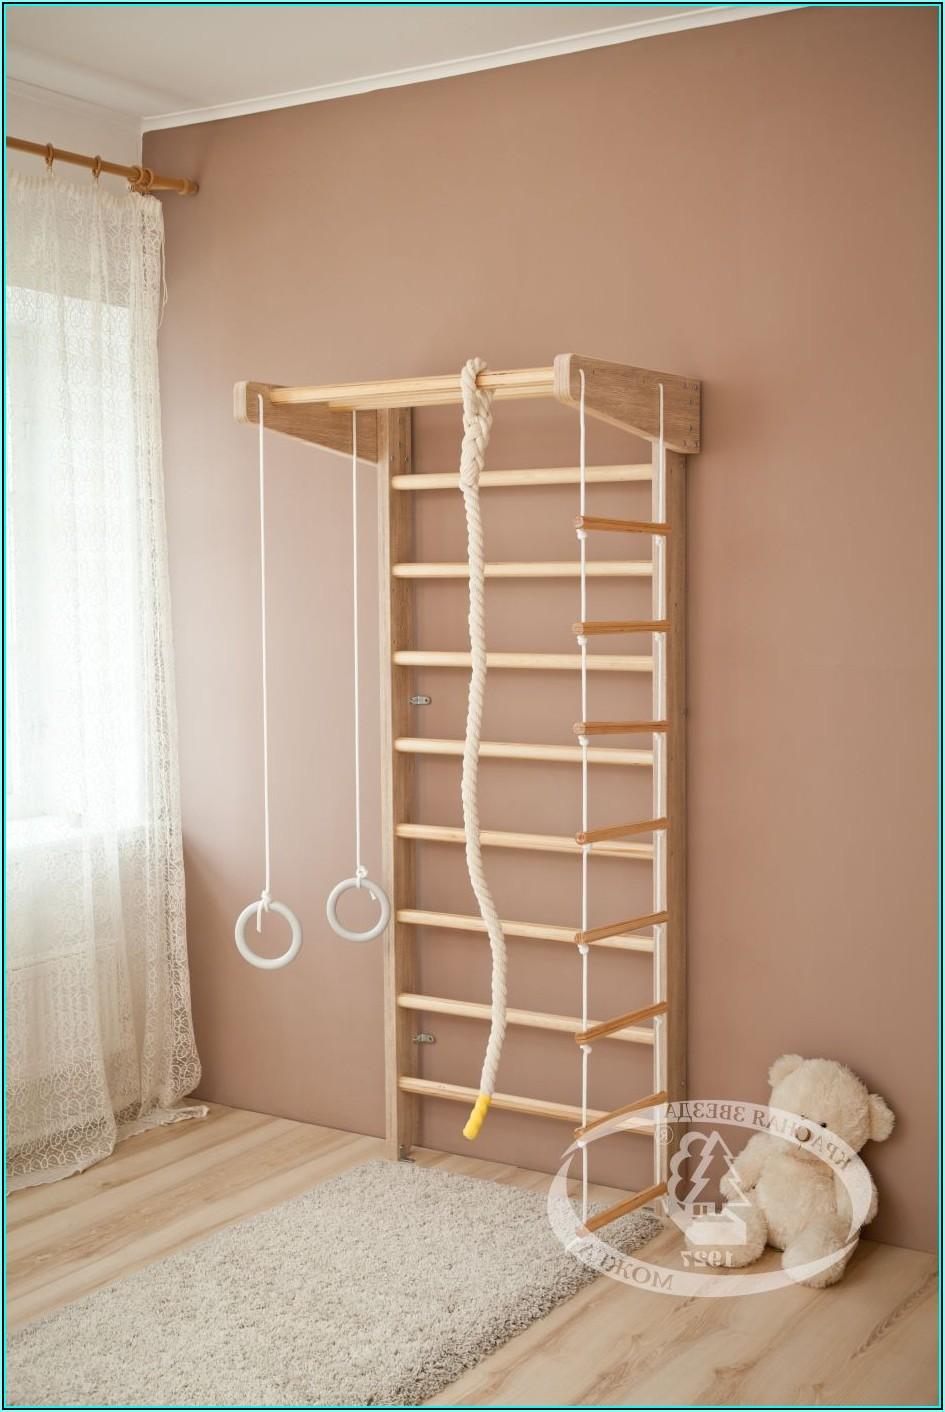 Klettern Ideen Fürs Kinderzimmer